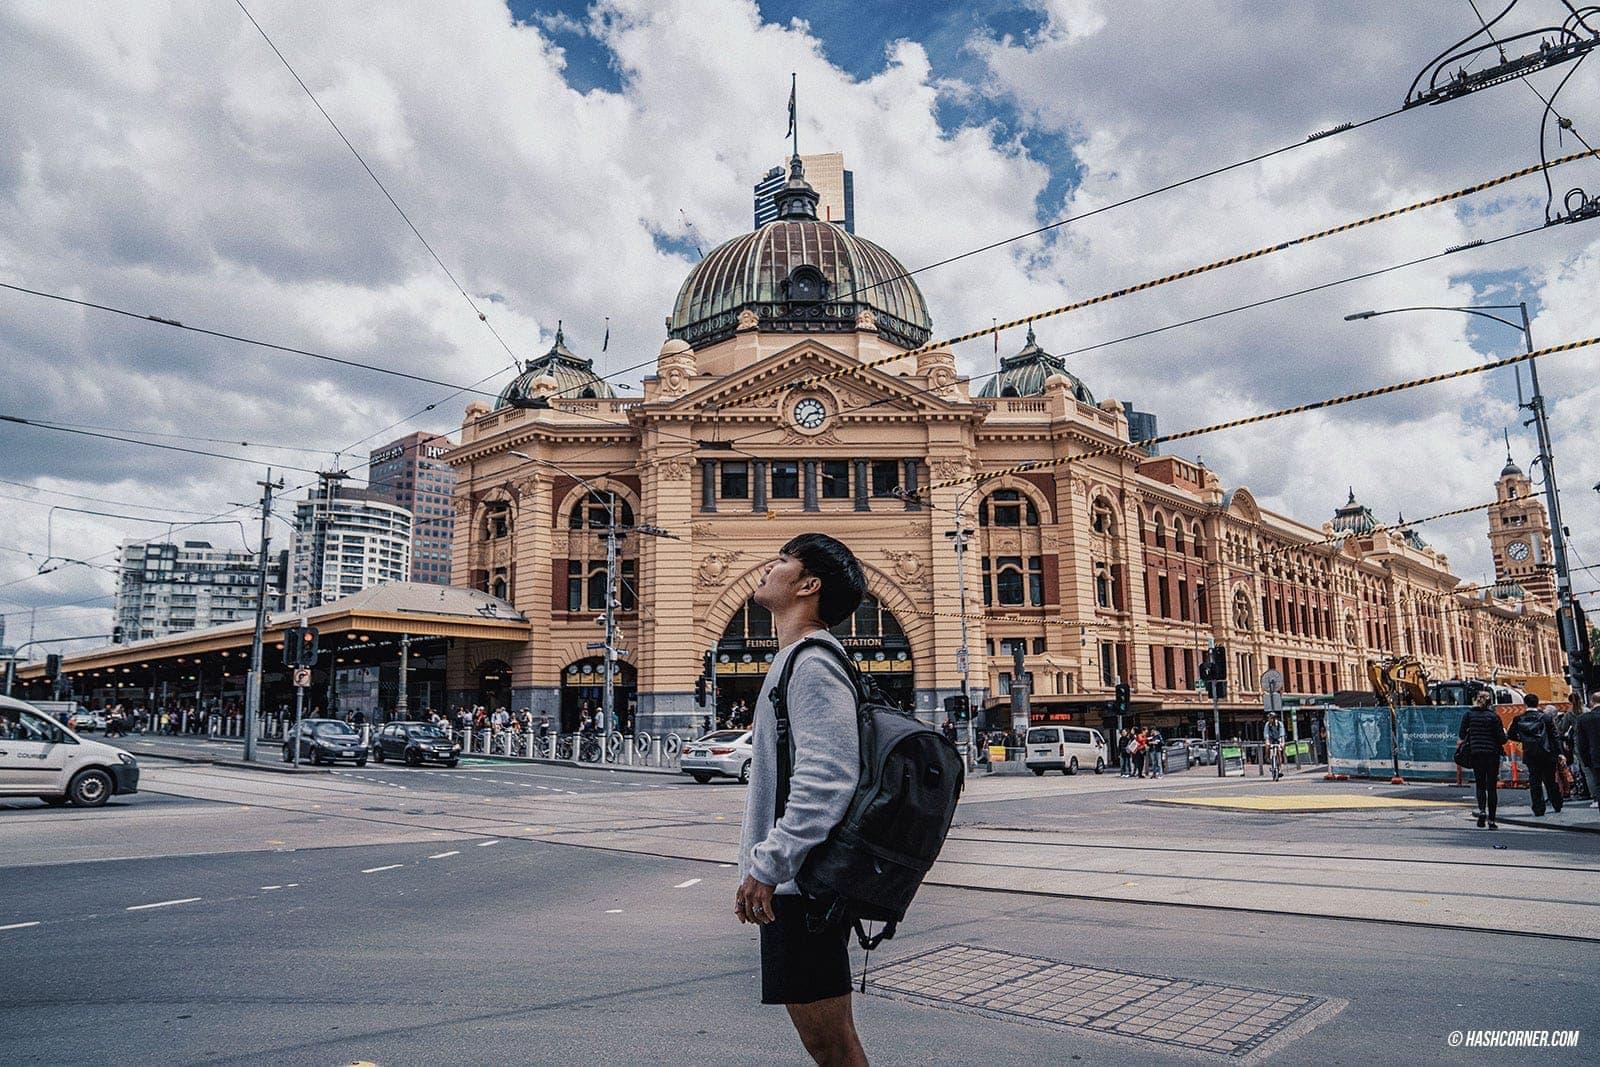 รีวิว เมลเบิร์น (Melbourne) เที่ยวออสเตรเลียคูลๆ